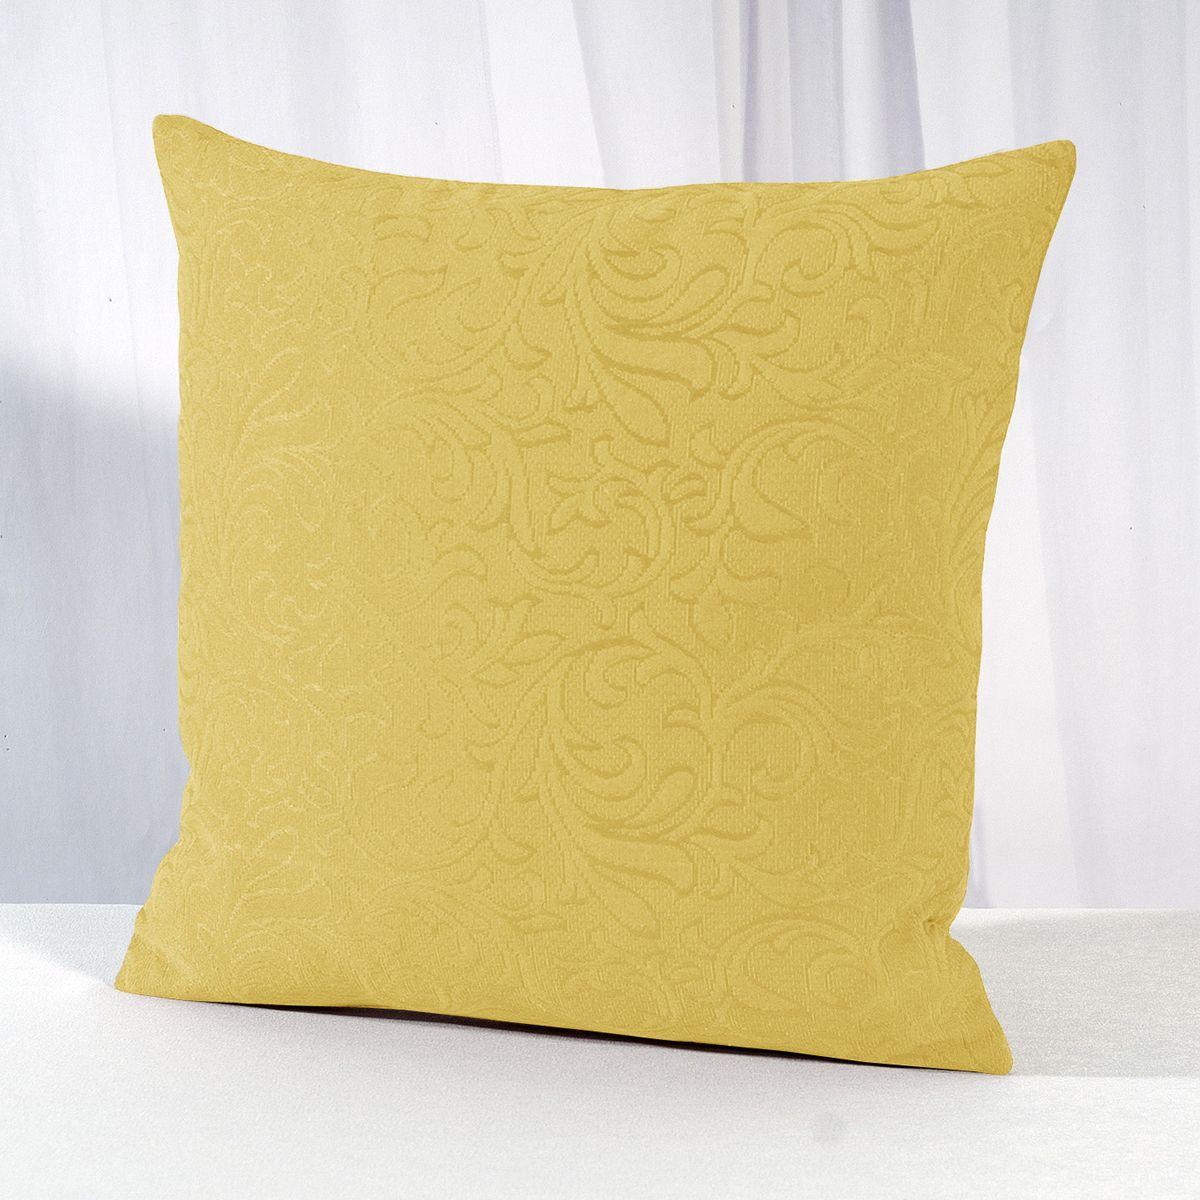 Наволочка декоративная Schaefer, 40 x 40 см, цвет: желтый. 07349-50107349-501Декоративная наволочка Schaefer предназначена для функционального и декоративного оформления небольших подушек.Продукция производится из качественной ткани, которая легко отстирывается от несложных загрязнений и быстро высыхает после стирки. Ее цвет и рисунки станут украшением любого интерьера. Наволочка прошита с помощью надежных швов, которые долгое время выдерживают повседневные нагрузки. Качественная разноцветная покраска гарантирует устойчивость к выцветанию.